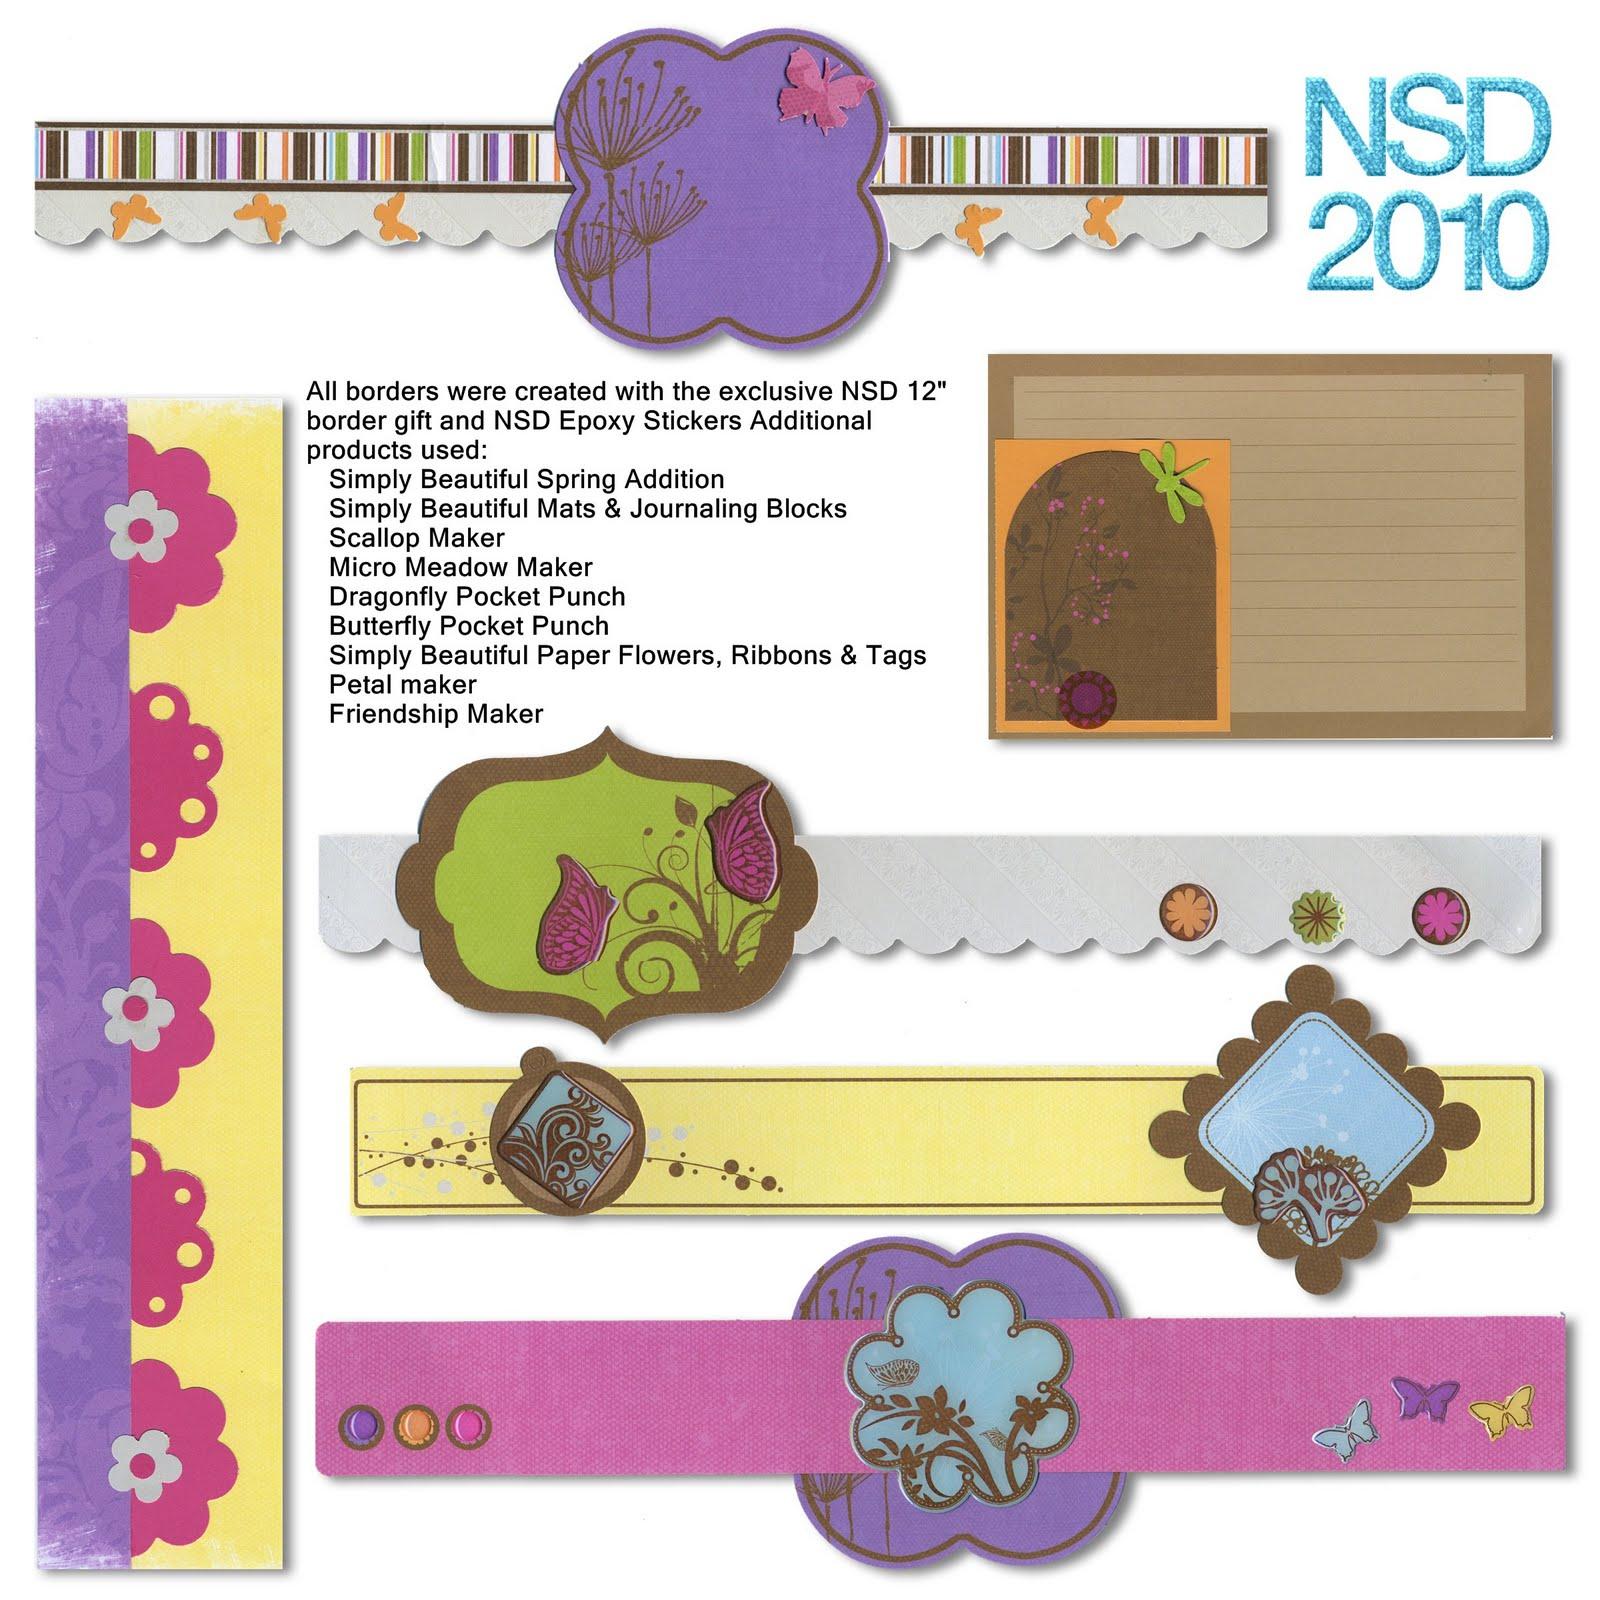 Scrapbook border ideas - Sunday April 25 2010